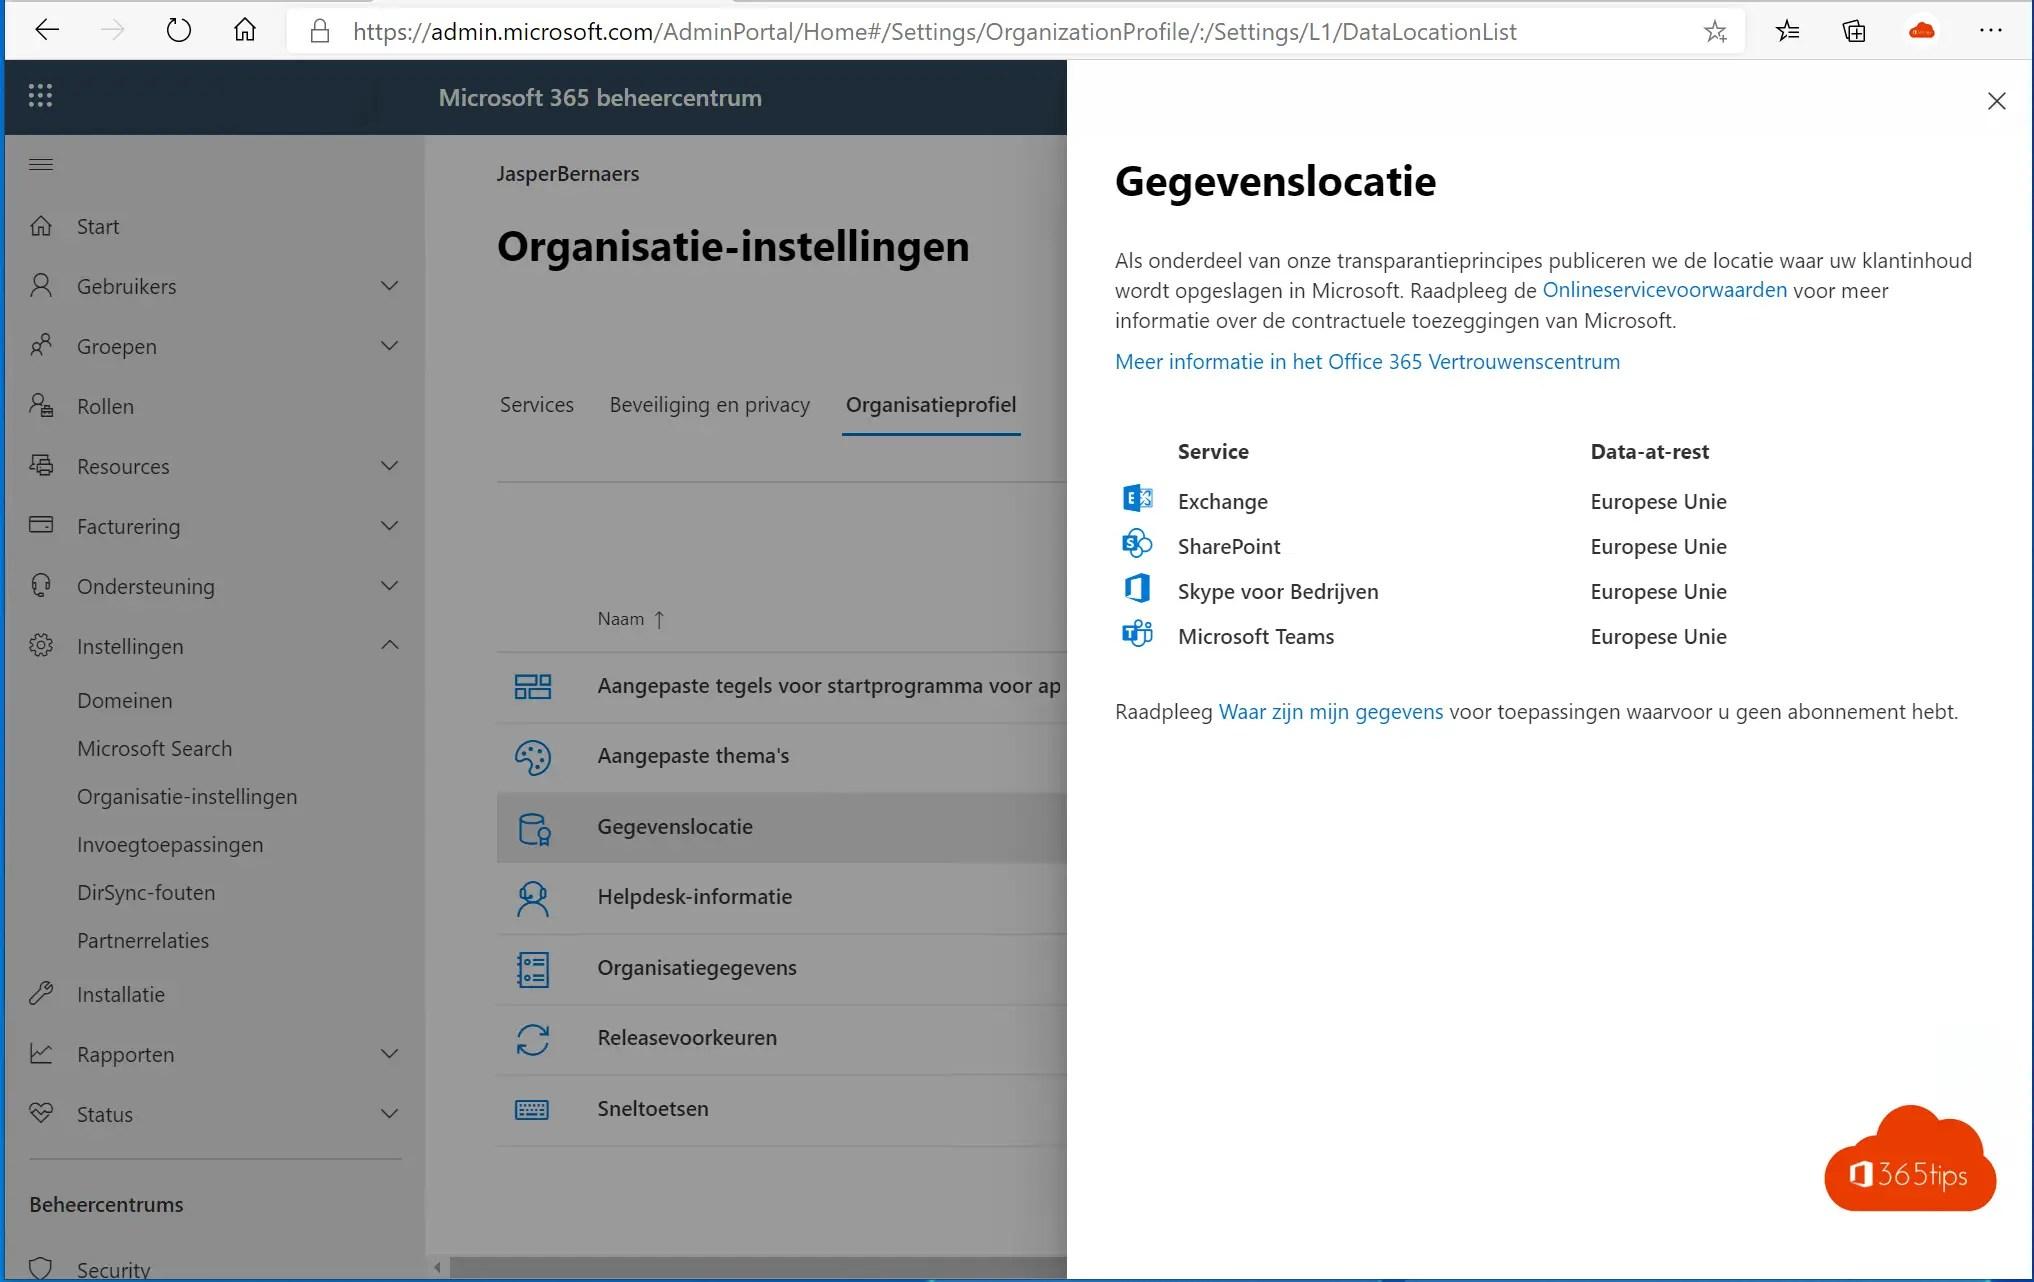 gegevenslocatie van mijn Office 365 omgeving